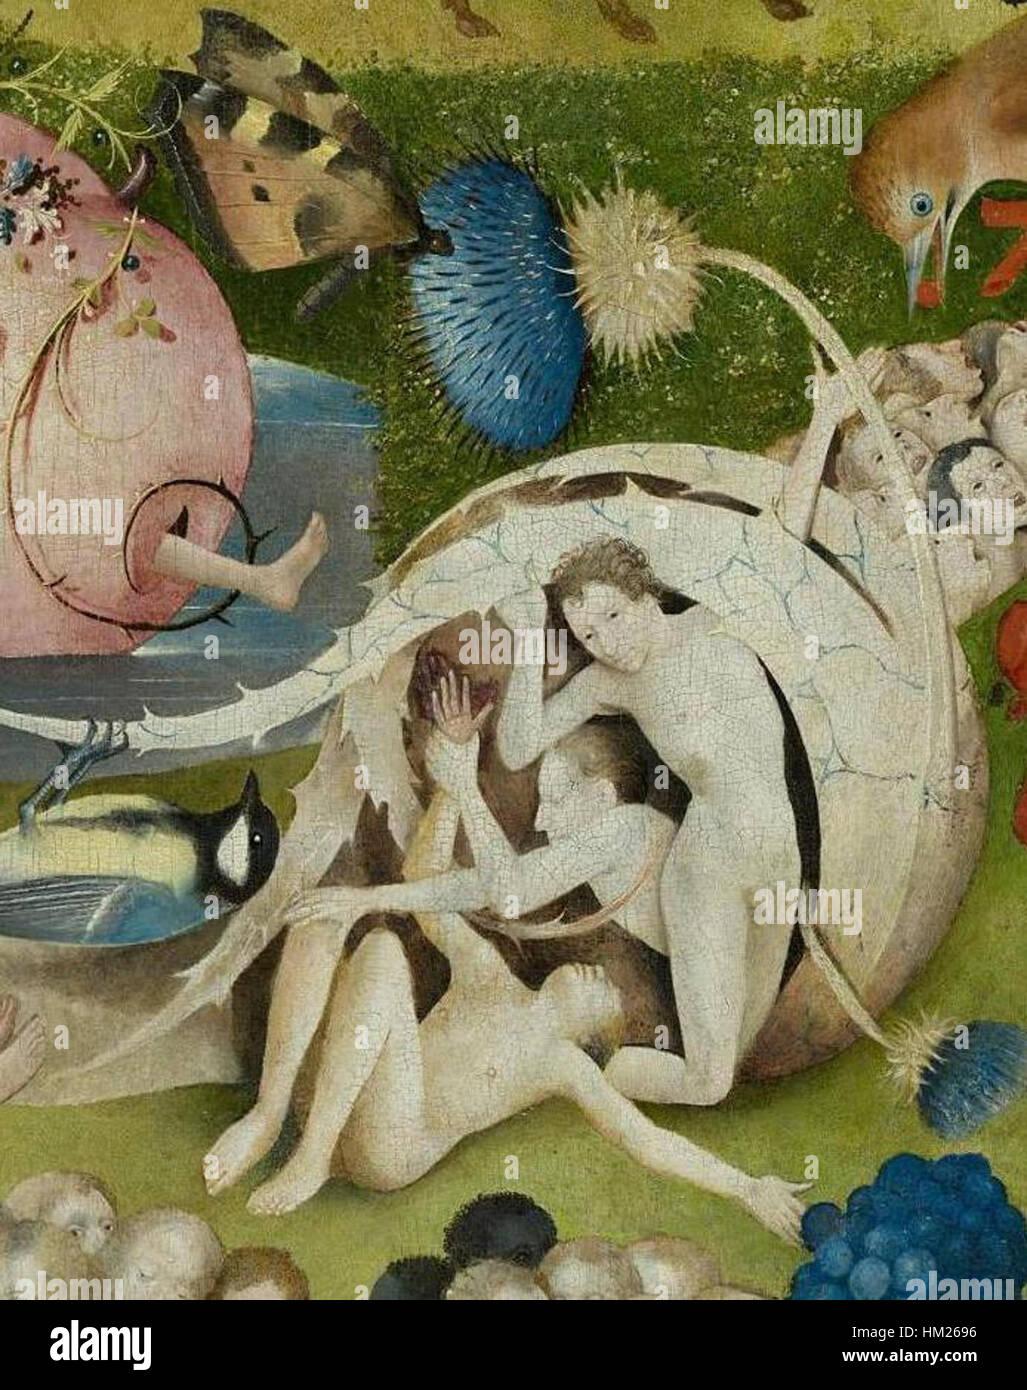 Hieronymus Bosch Garten Der Luste Triptychon Mitteltafel Detail